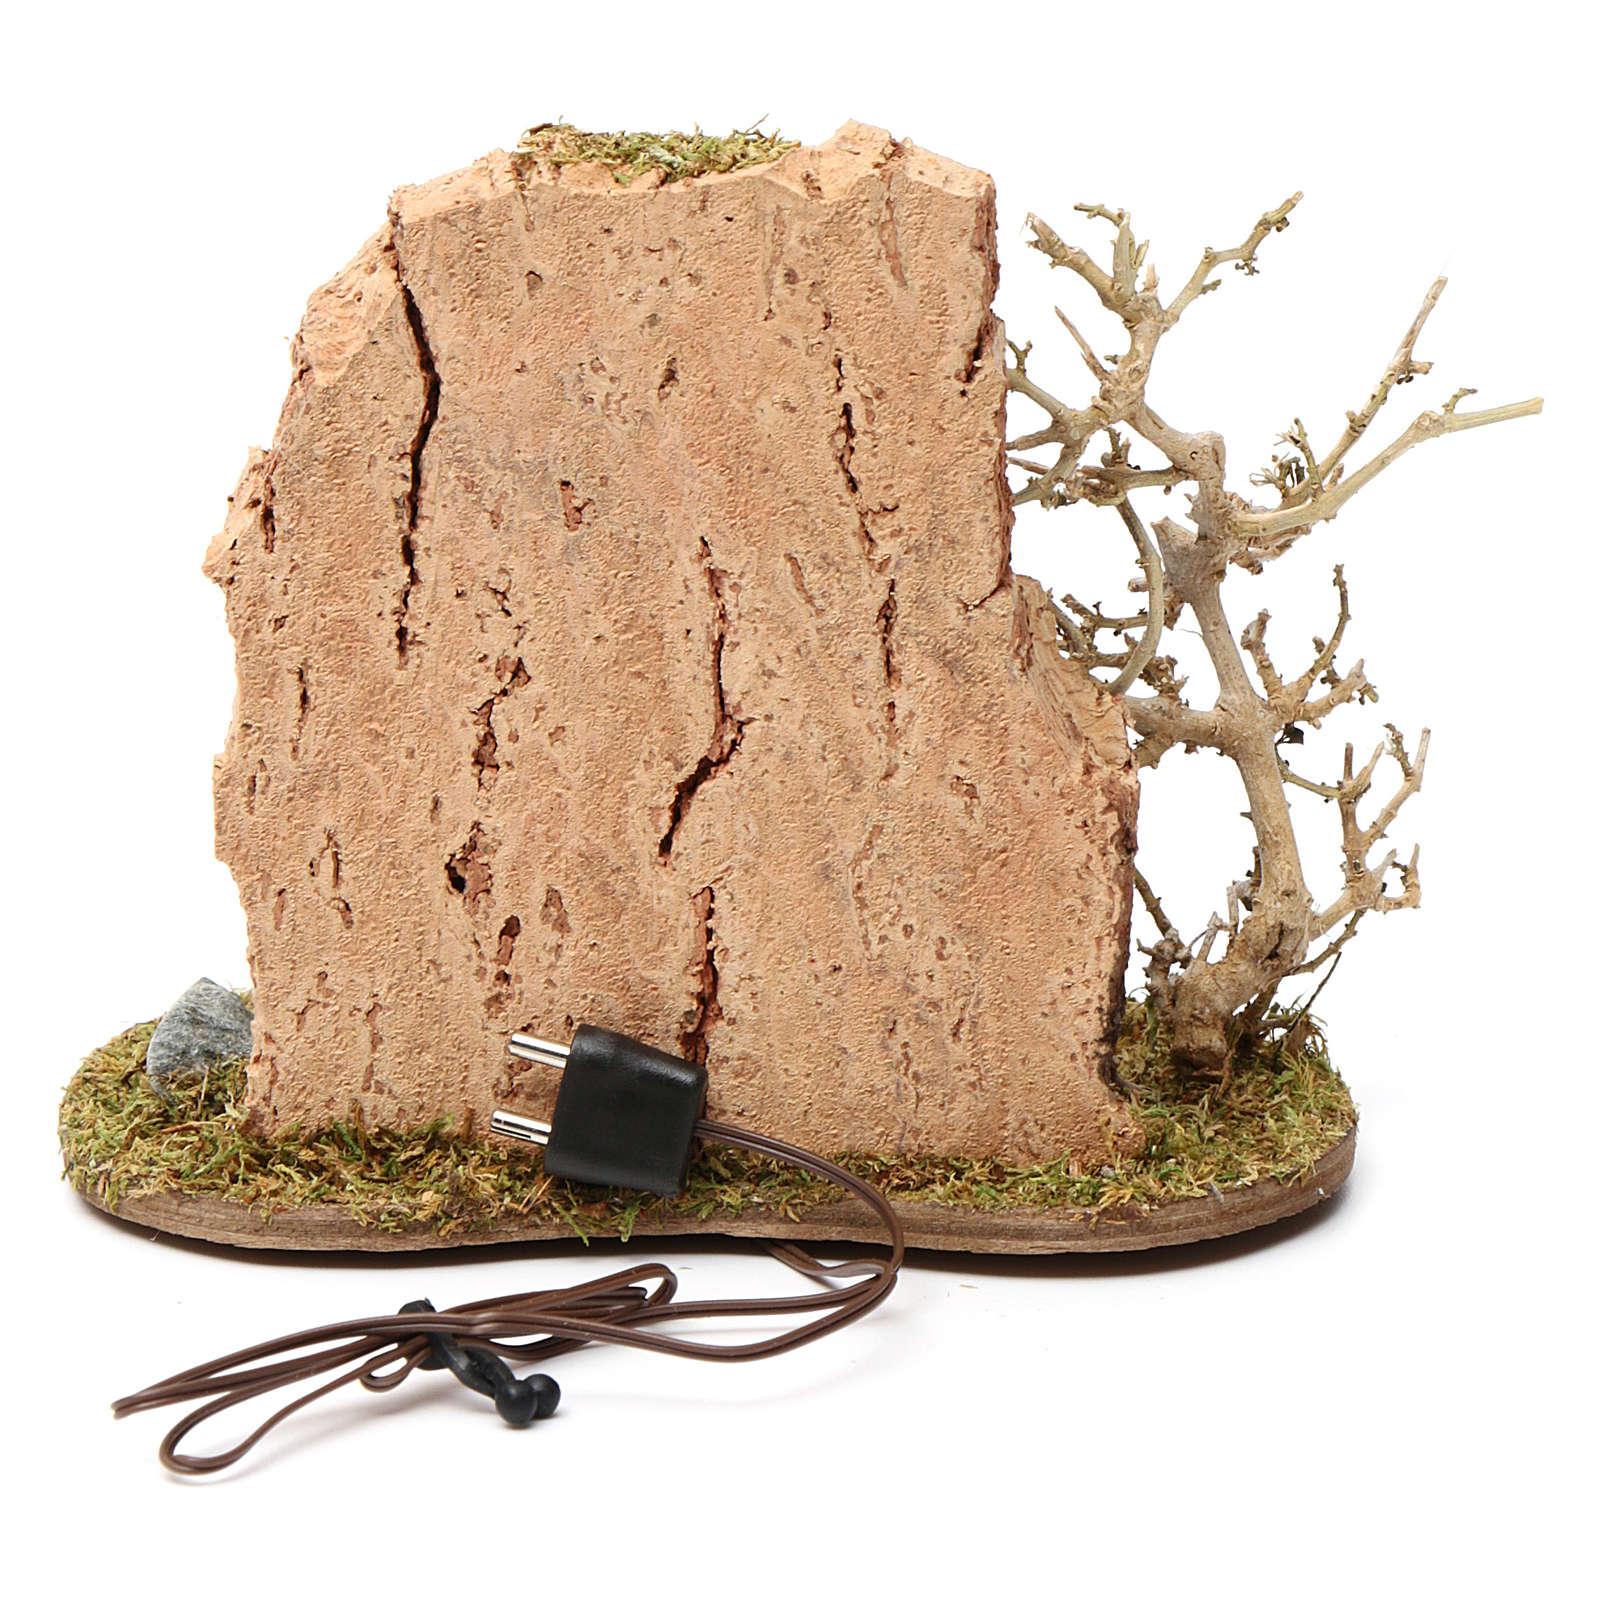 Feu de camp avec casserole pour crèche 10-12 cm bois flamme éclairée 3,5-4,5 V 4